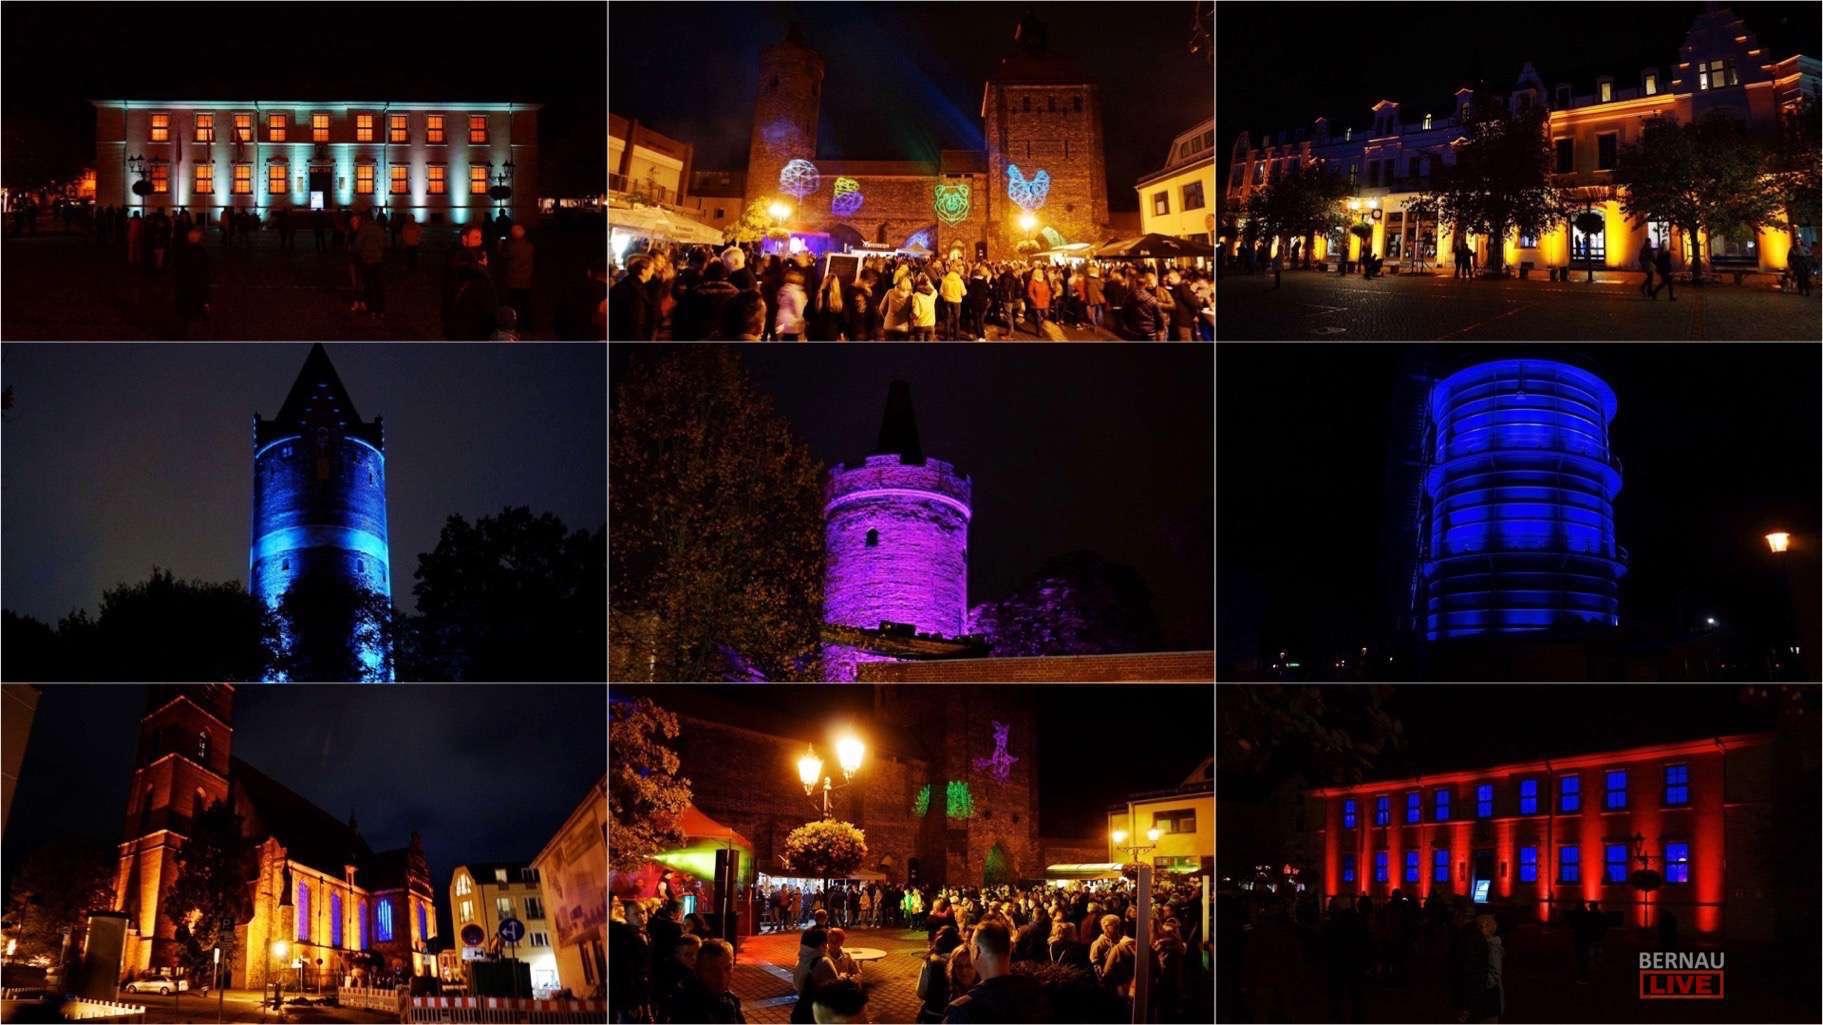 Bernau leuchtet, feiert und Lokaltourt - ohne Regen